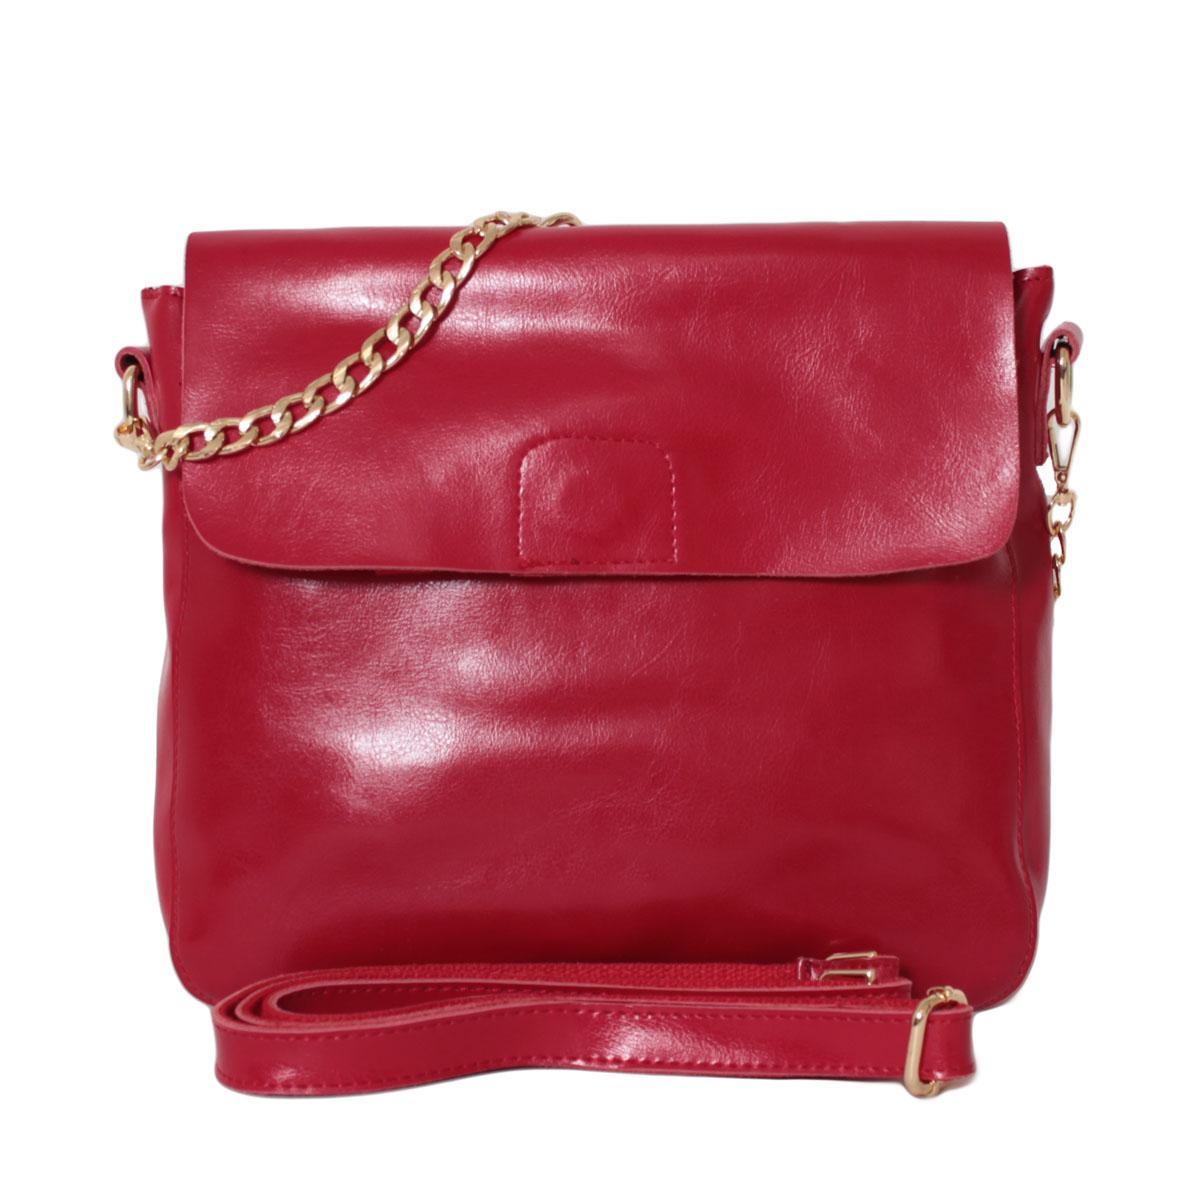 Сумка женская Flioraj, цвет: красный. 0005251200052512Закрывается на молнию. Внутри два отделения, два кармана на молнии, два открытых кармана. Снаружи один карман на молнии. Длинный ремень.